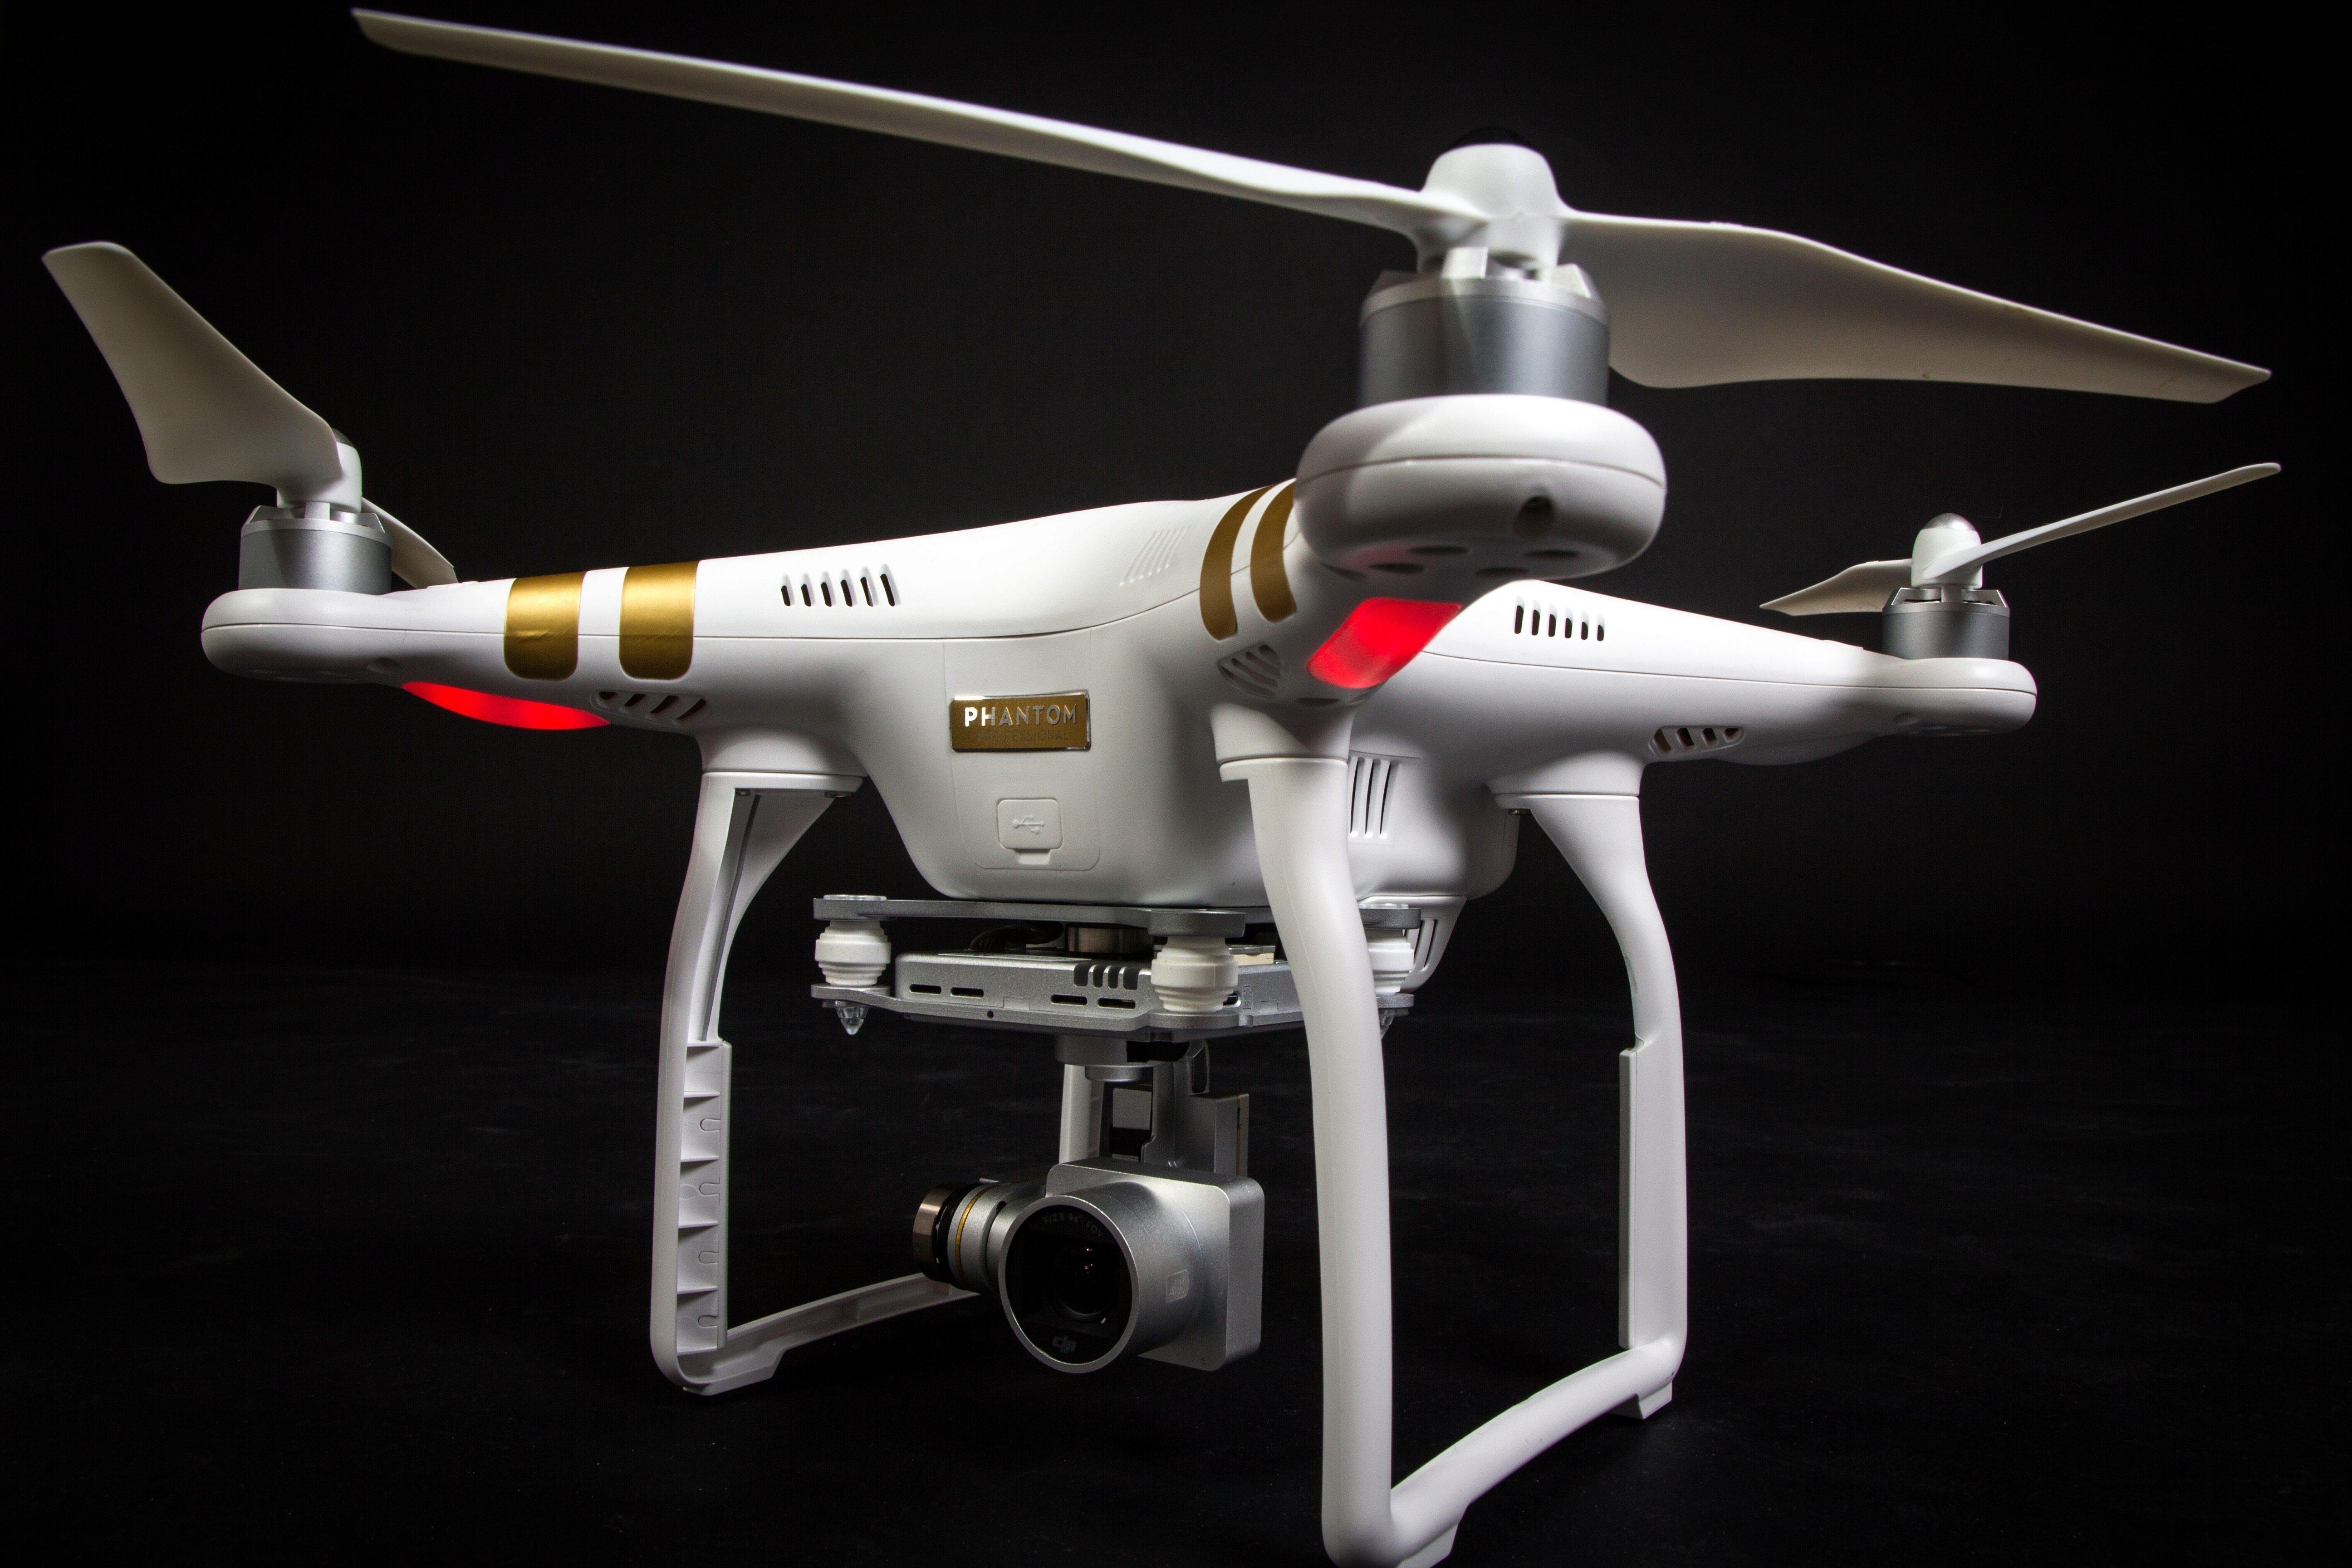 dji phantom 3 dron kter ho si zamilujete recenze sv t androida. Black Bedroom Furniture Sets. Home Design Ideas